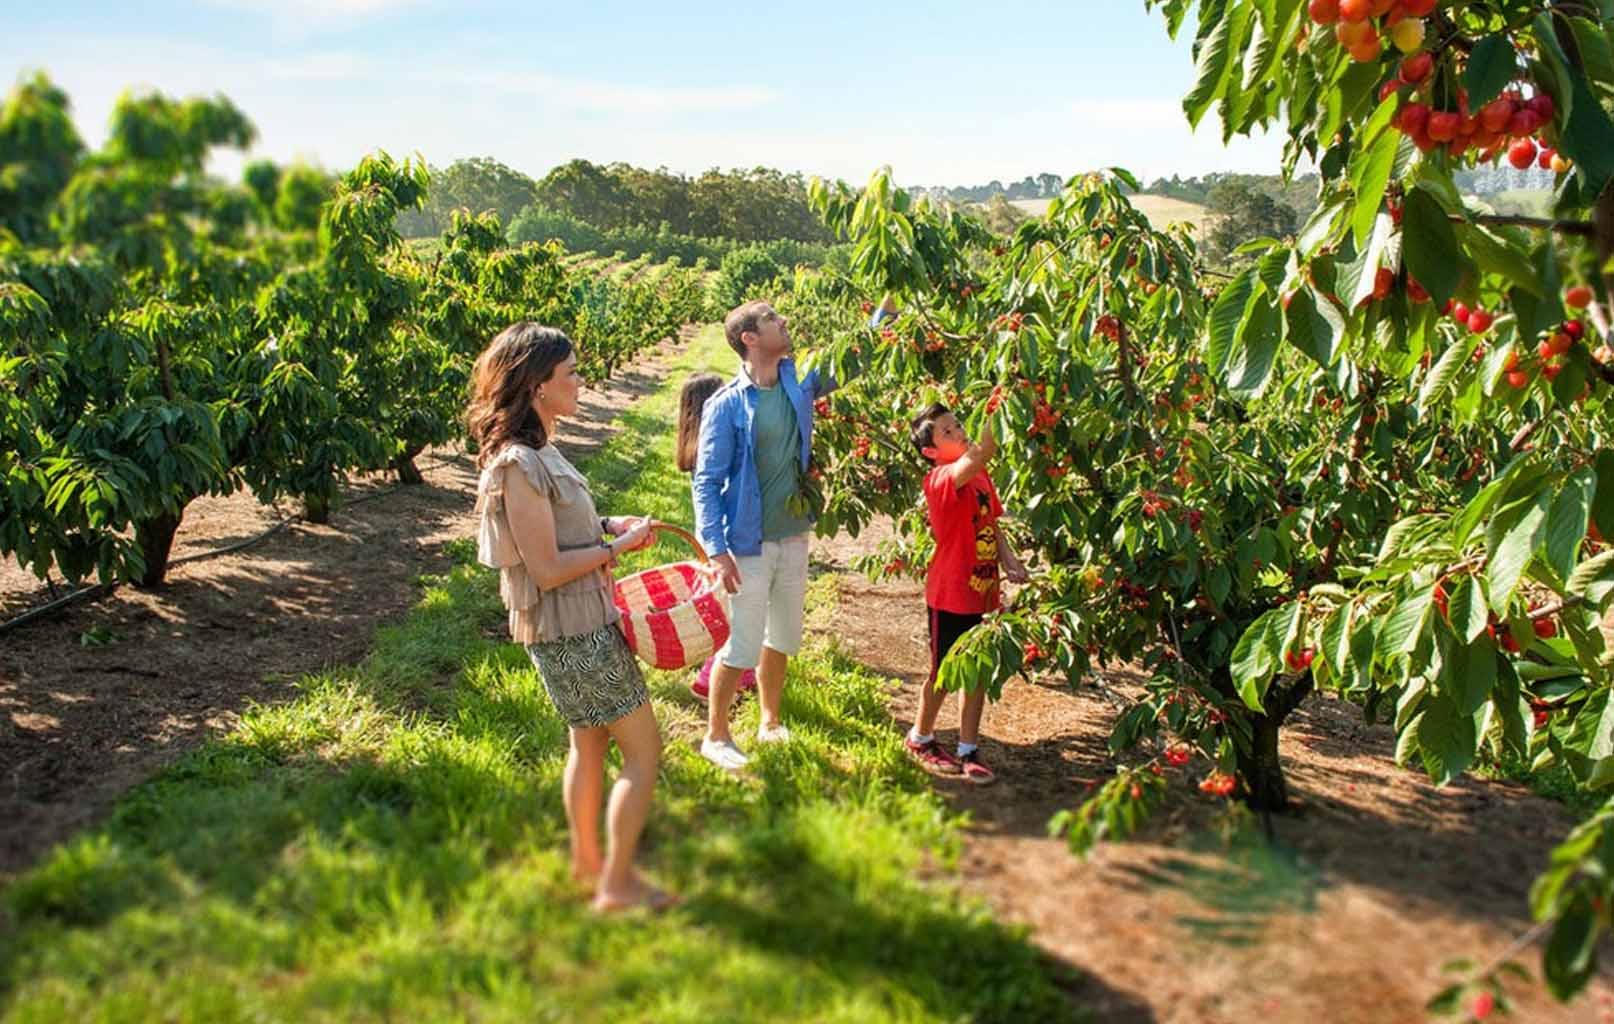 Vườn trái cây Bacchus Marsh